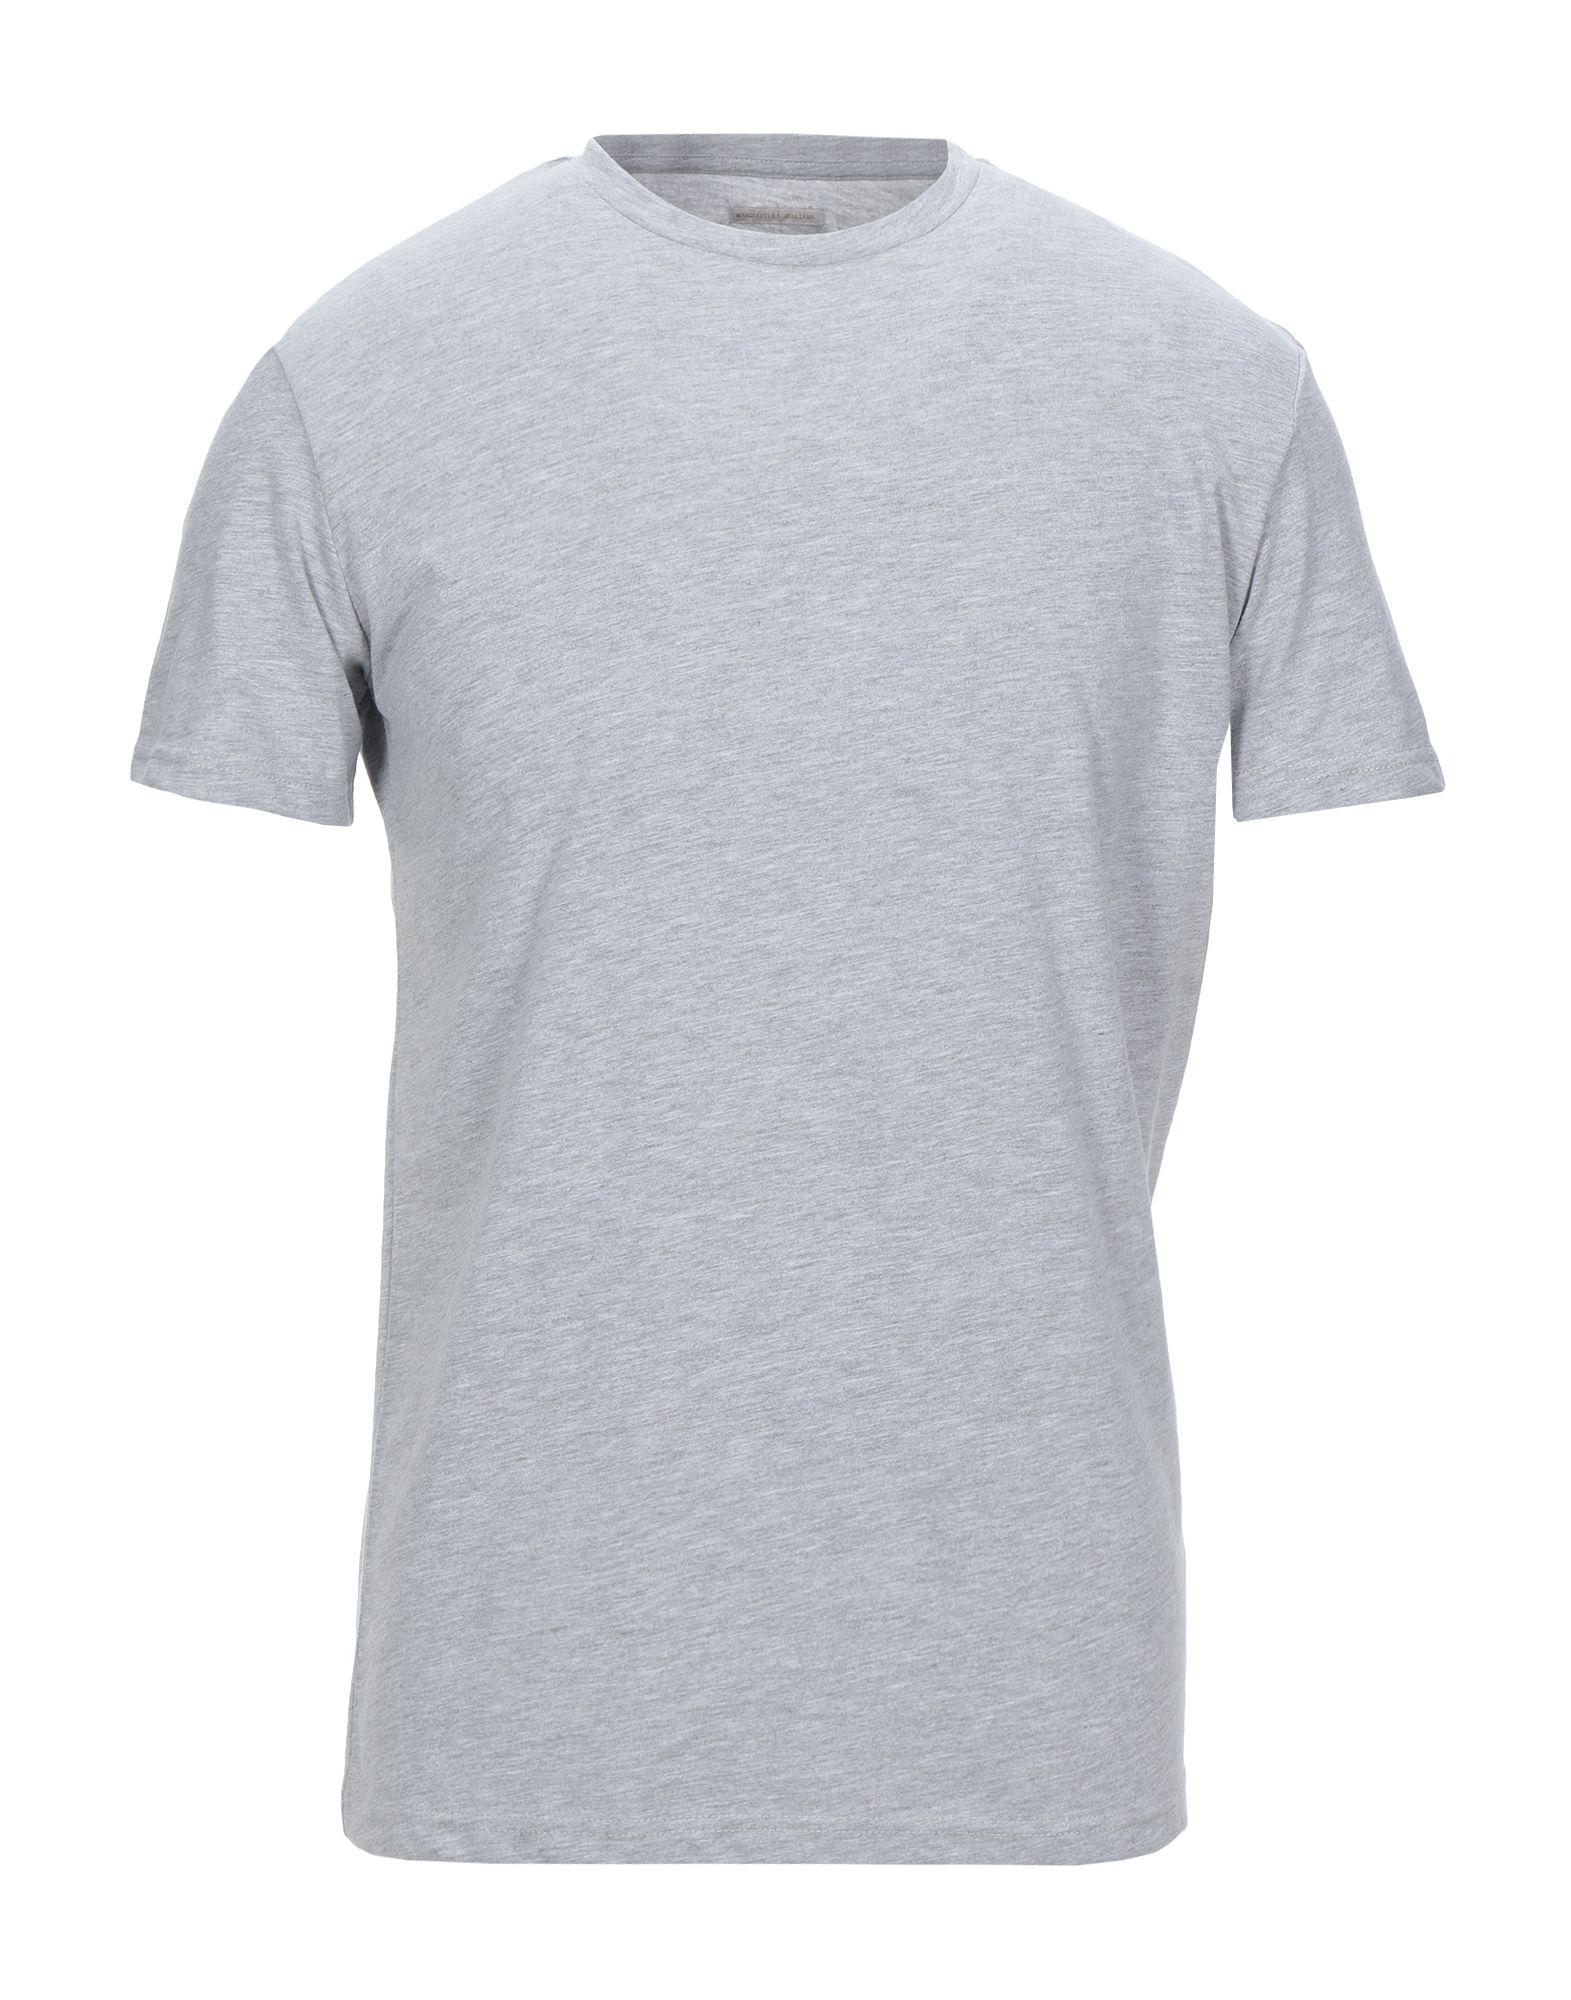 《セール開催中》MANIFATTURA ITALIANA メンズ T シャツ ライトグレー S コットン 100%